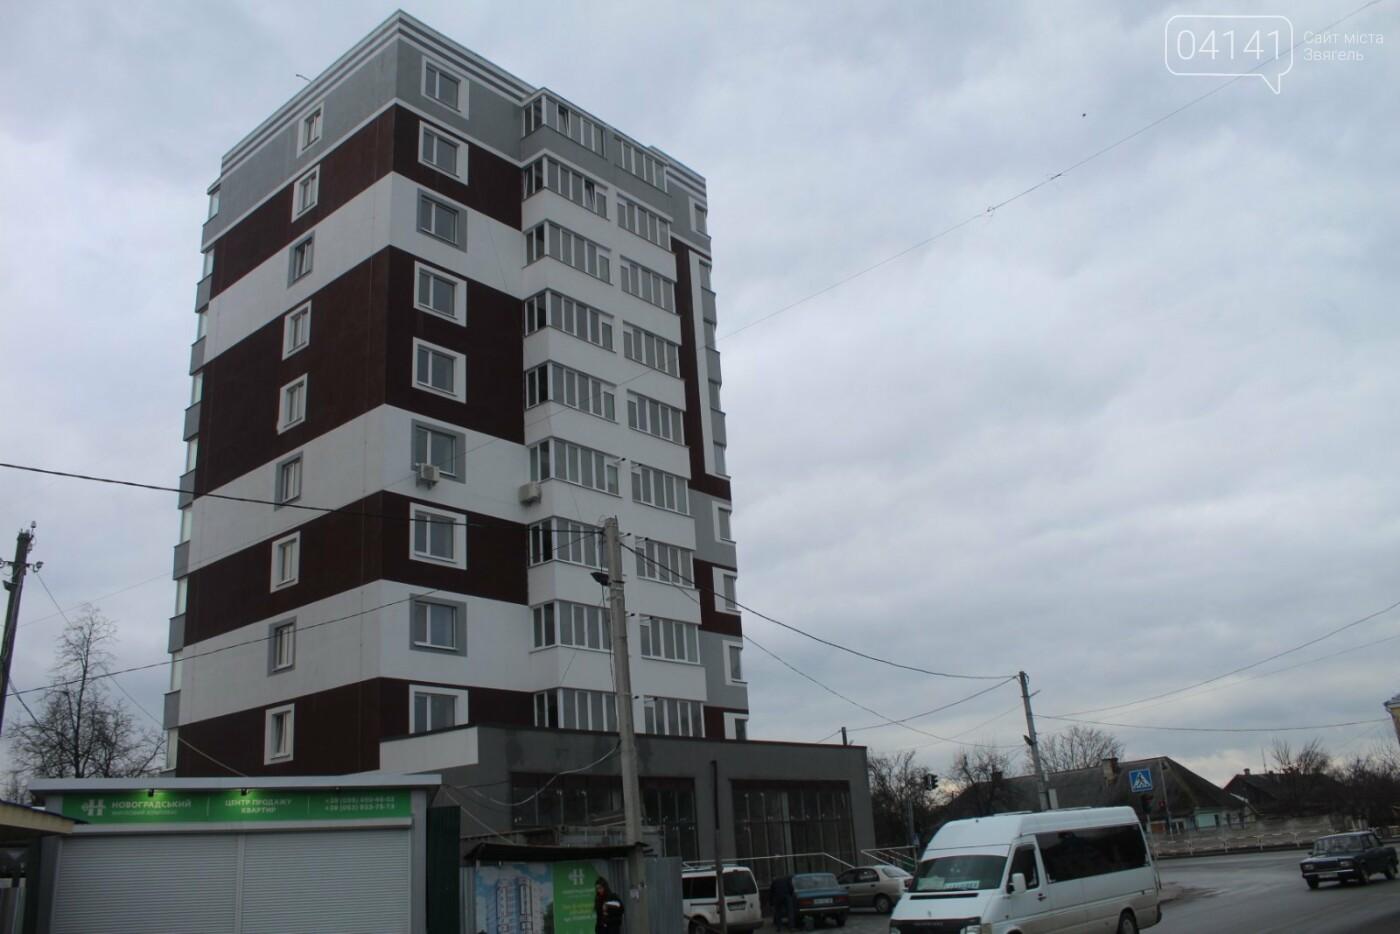 Як виглядають новобудови Новограда-Волинського (ФОТОРЕПОРТАЖ), фото-13